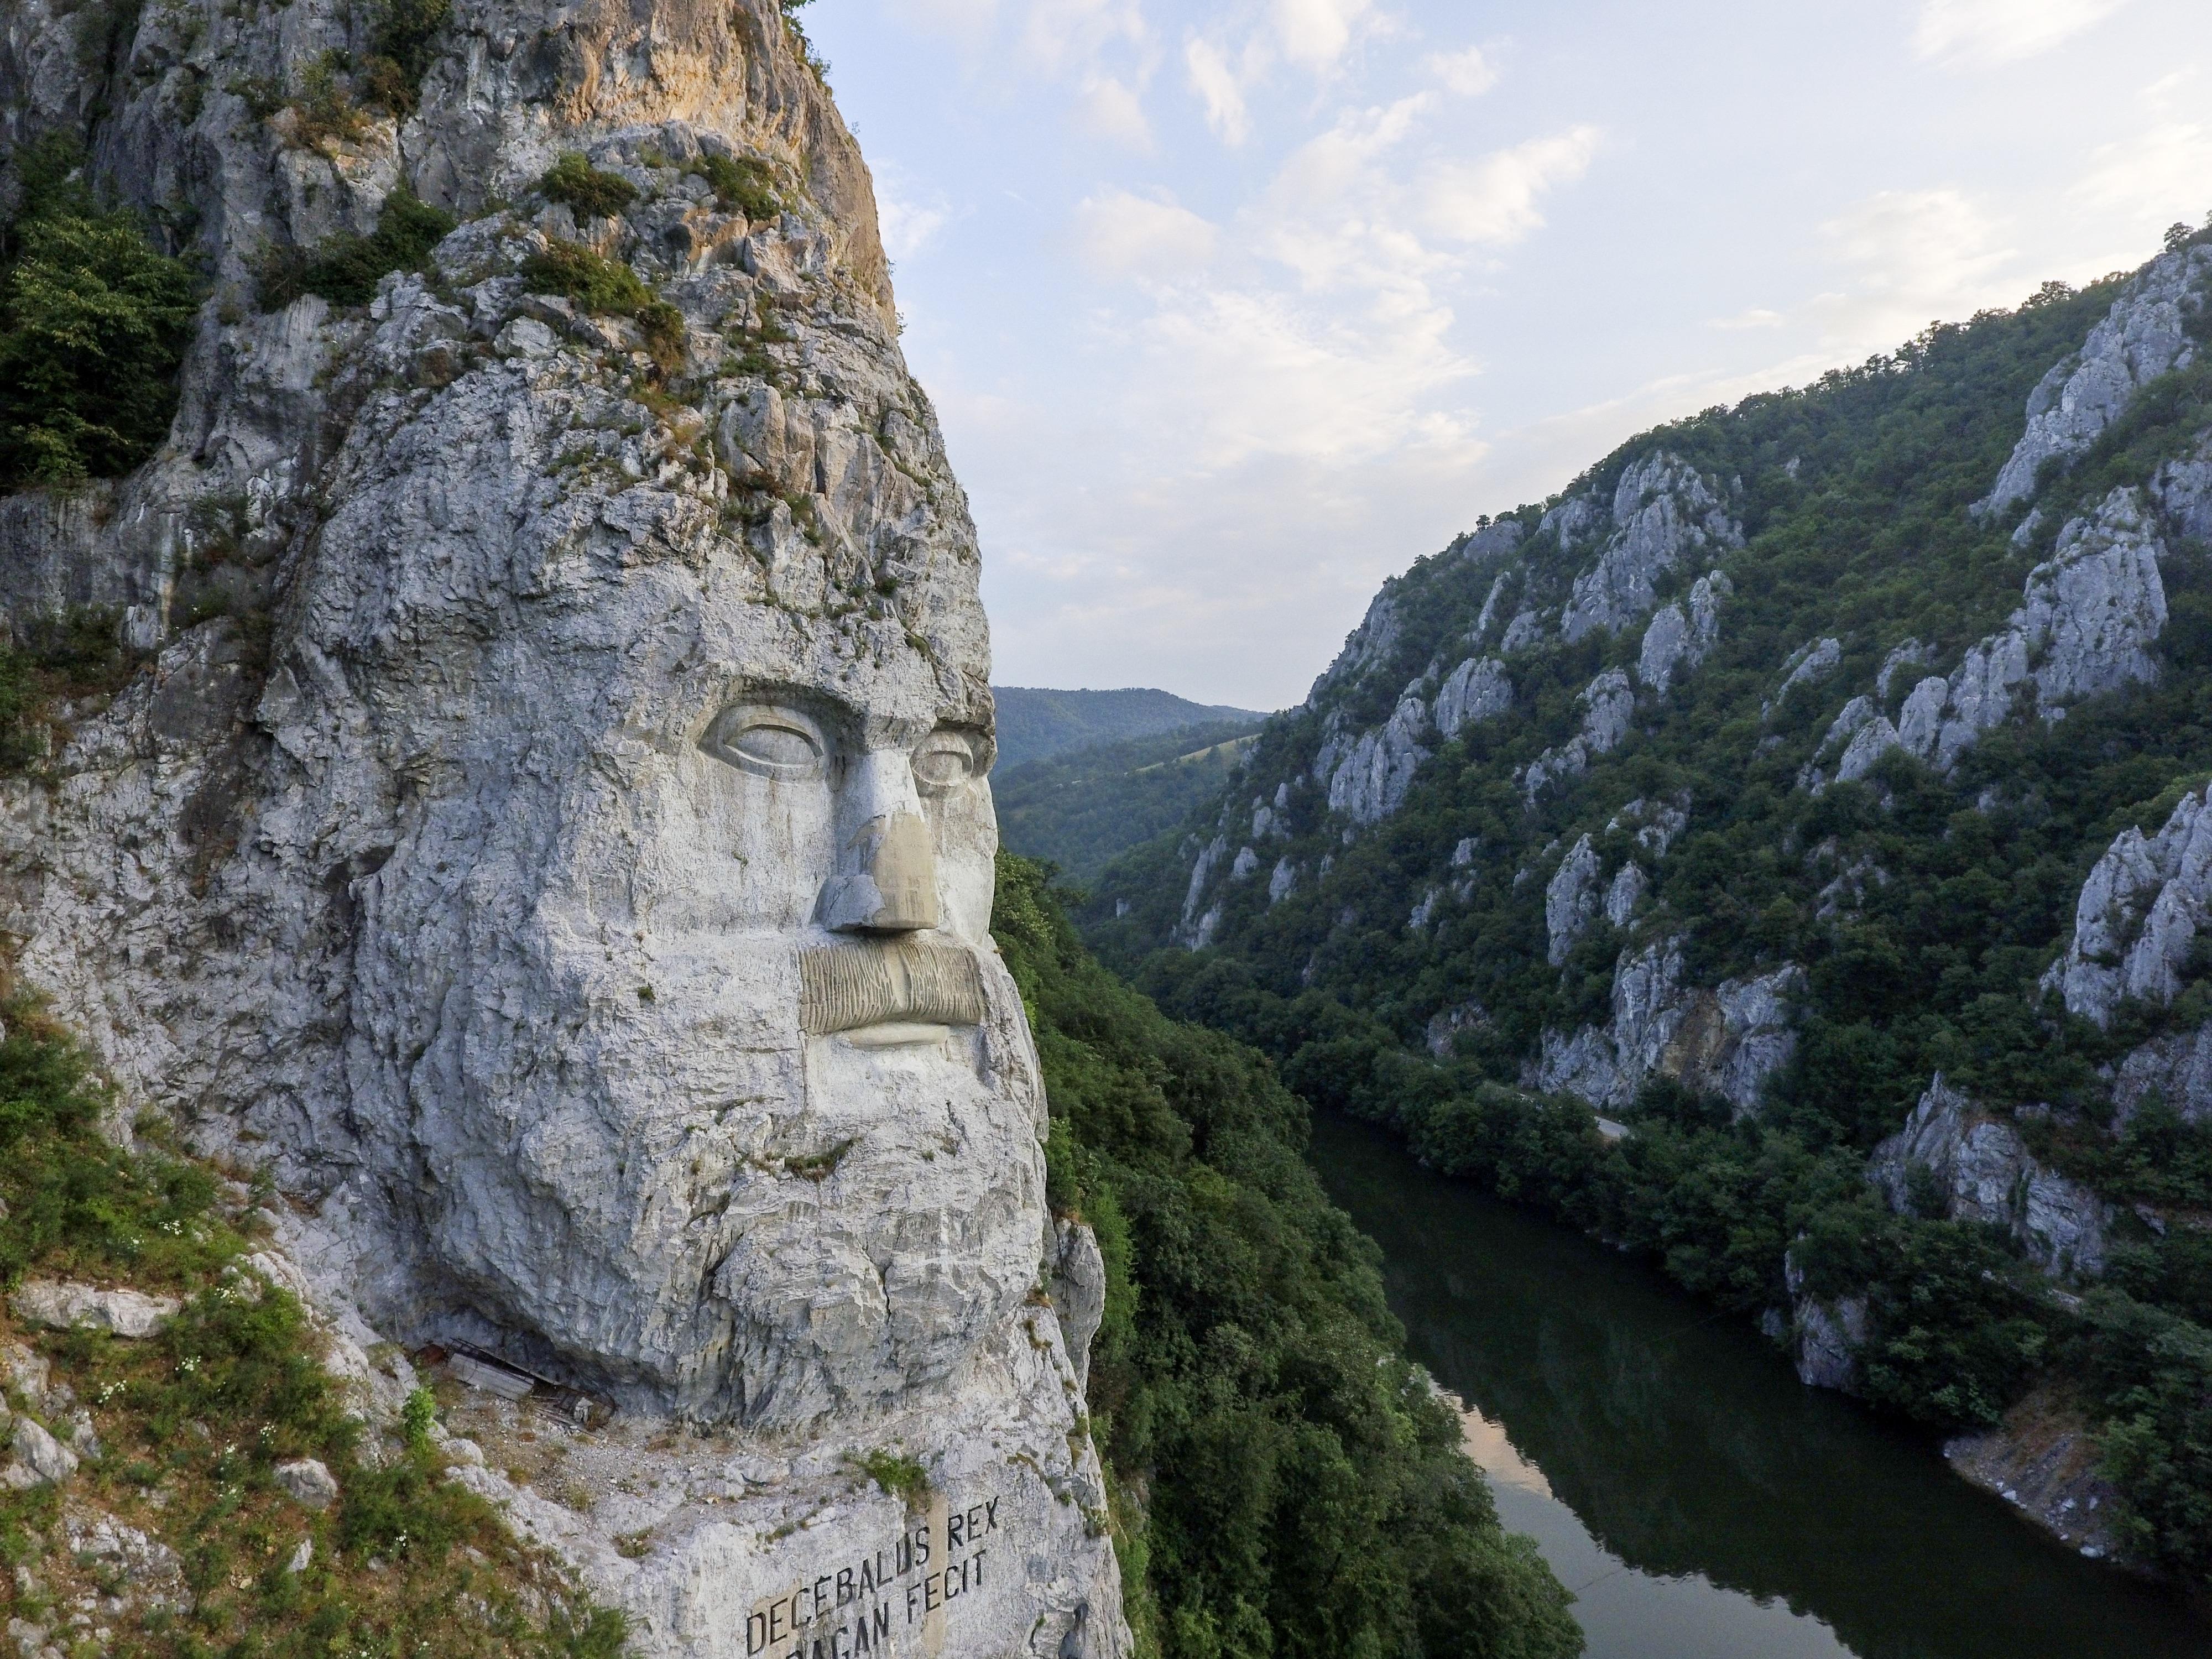 Fișier:Statuia Chipul lui Decebal - Cazanele Dunării, România.jpg ...